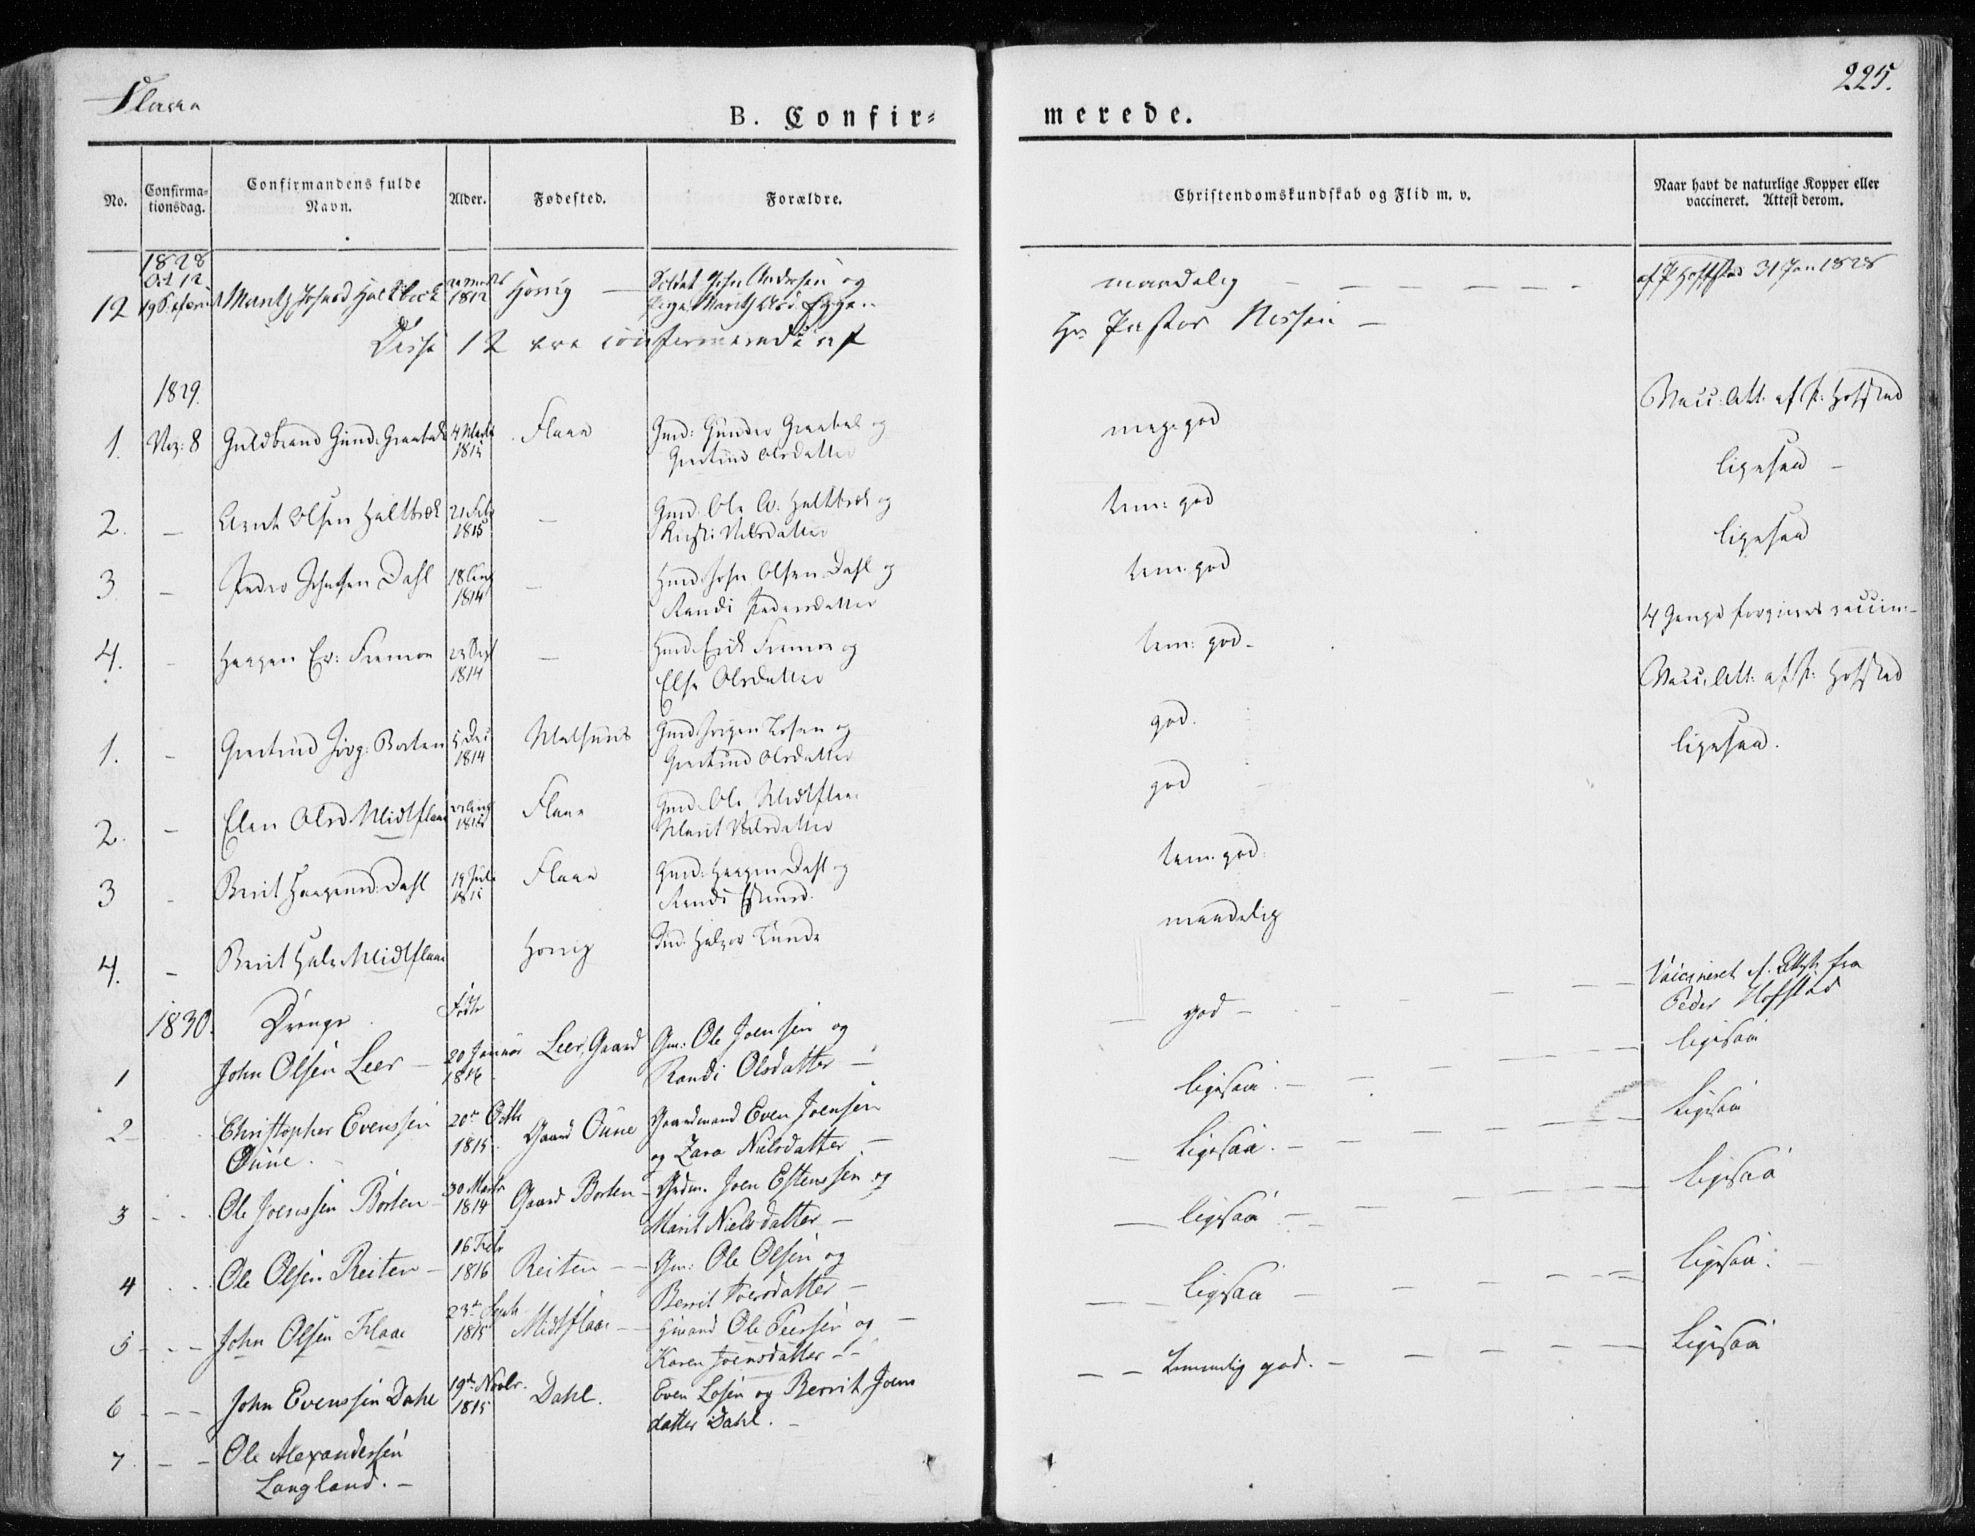 SAT, Ministerialprotokoller, klokkerbøker og fødselsregistre - Sør-Trøndelag, 691/L1069: Ministerialbok nr. 691A04, 1826-1841, s. 225